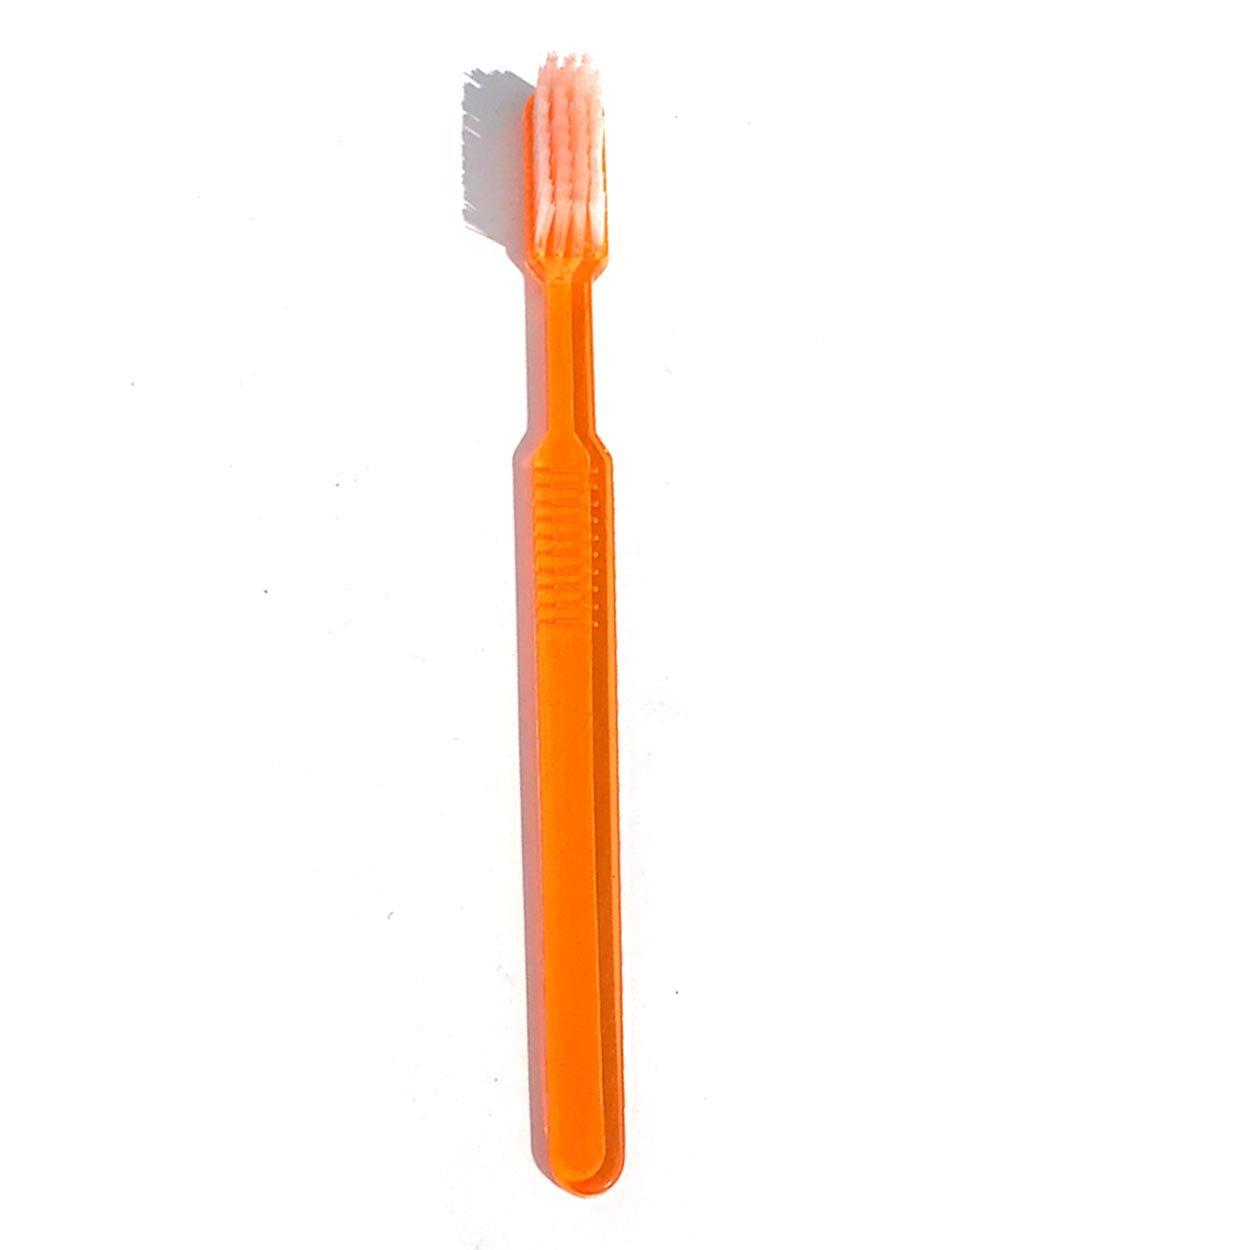 Dr. Bauer s una vez Cepillos de Dientes, einwegzahnbürsten con pasta de dientes embalaje individual paquete de 100: Amazon.es: Salud y cuidado personal